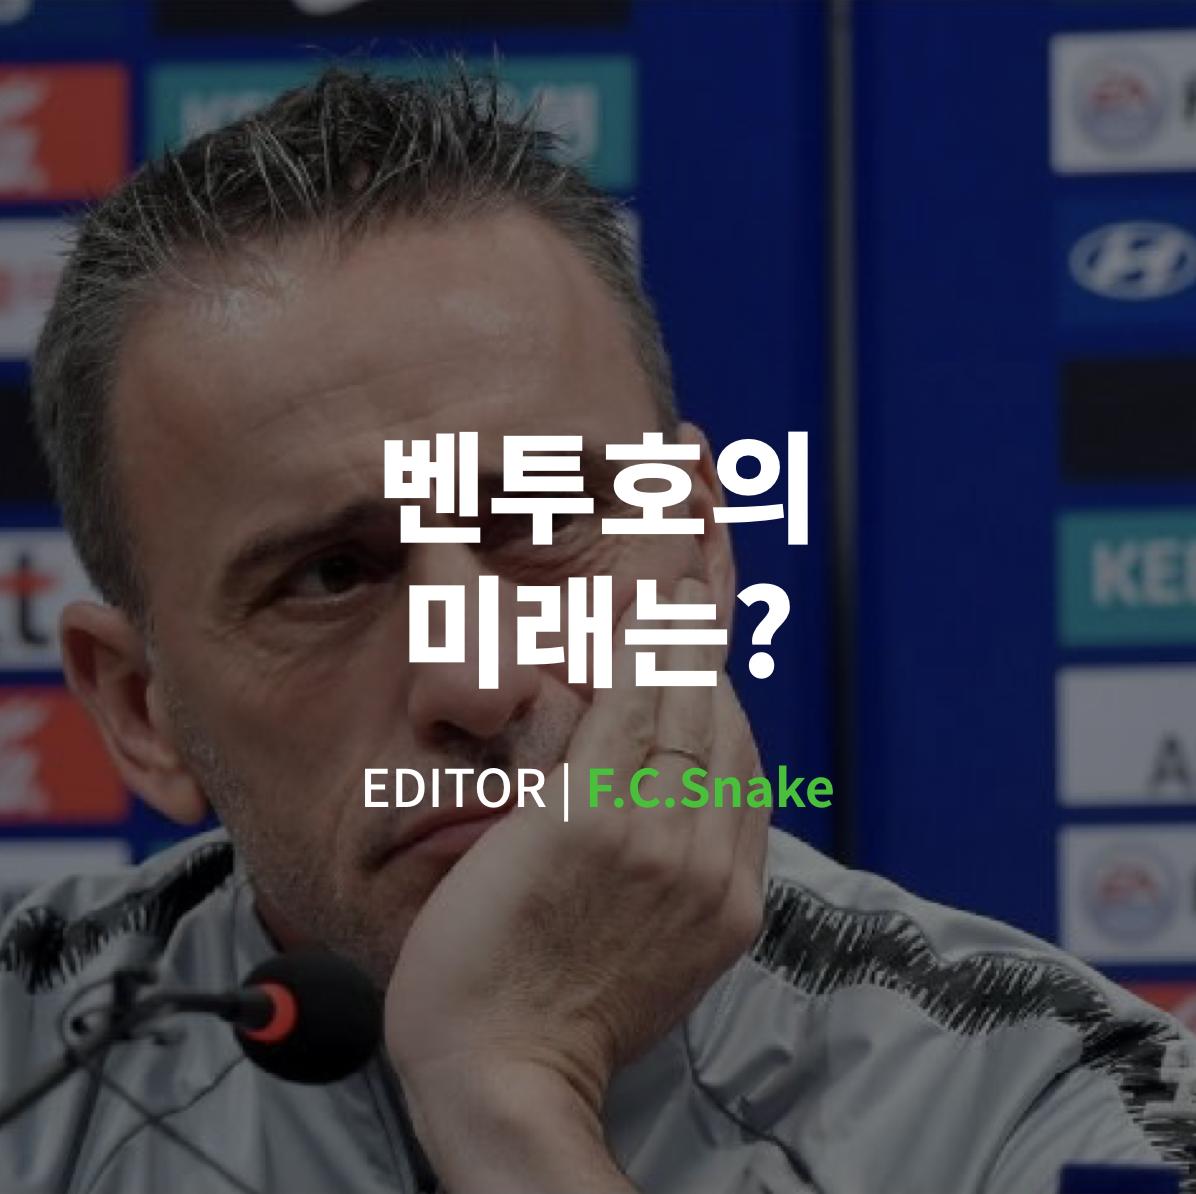 [F.C.Snake] 벤투호의 미래는? - 2019. 1. 28. by ...